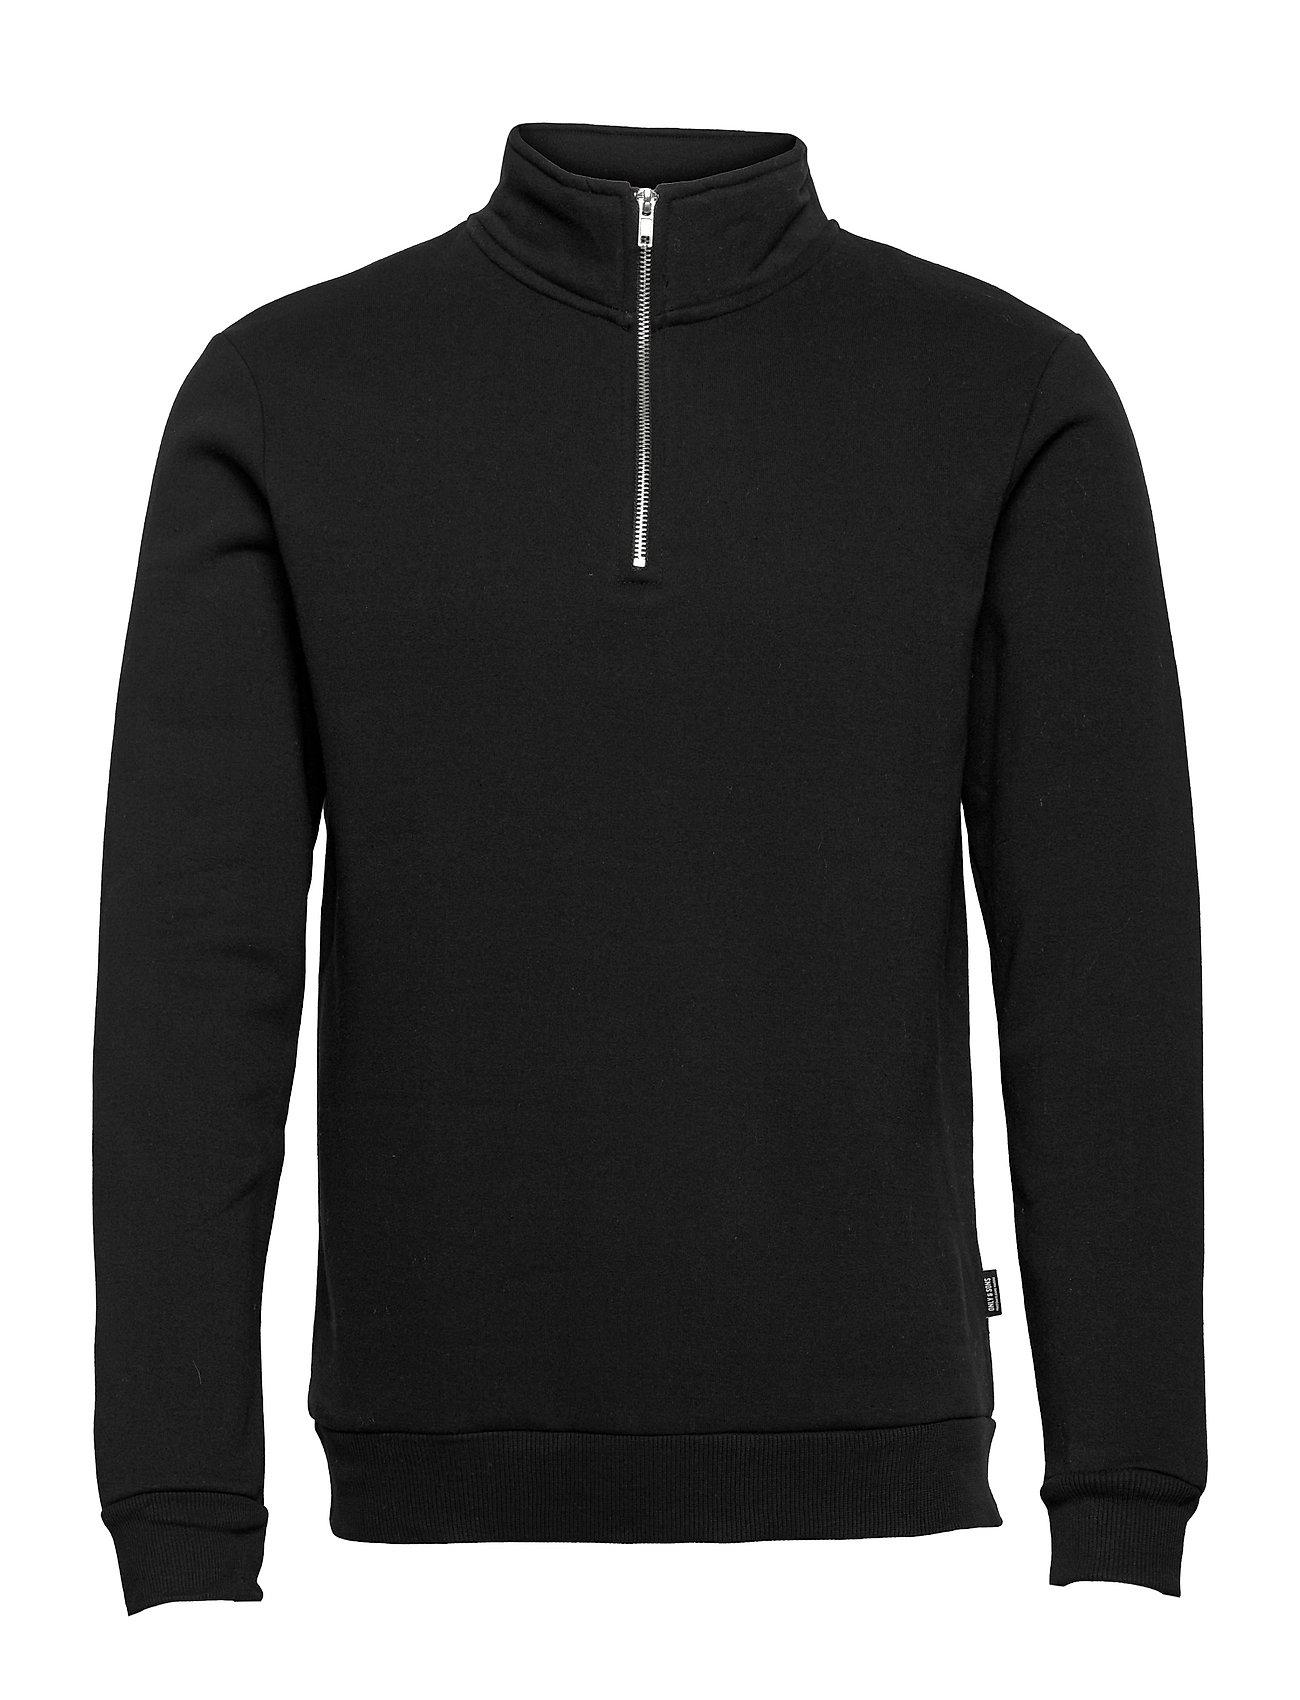 Onsceres Life Half Zip Sweat Sweatshirt Trøje Sort ONLY & SONS